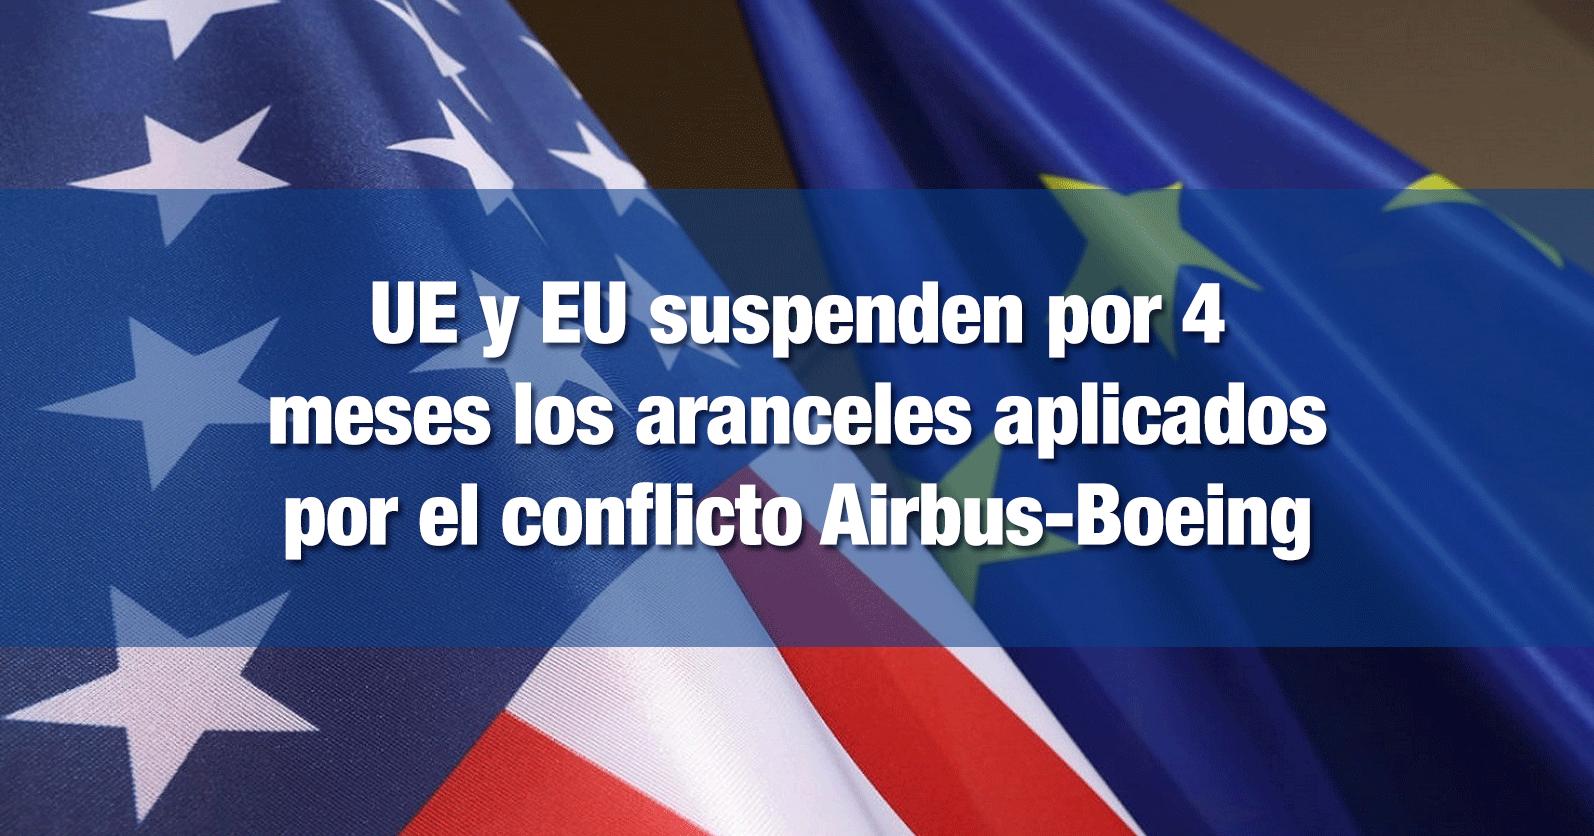 UE y EU suspenden por 4 meses los aranceles aplicados por el conflicto Airbus-Boeing